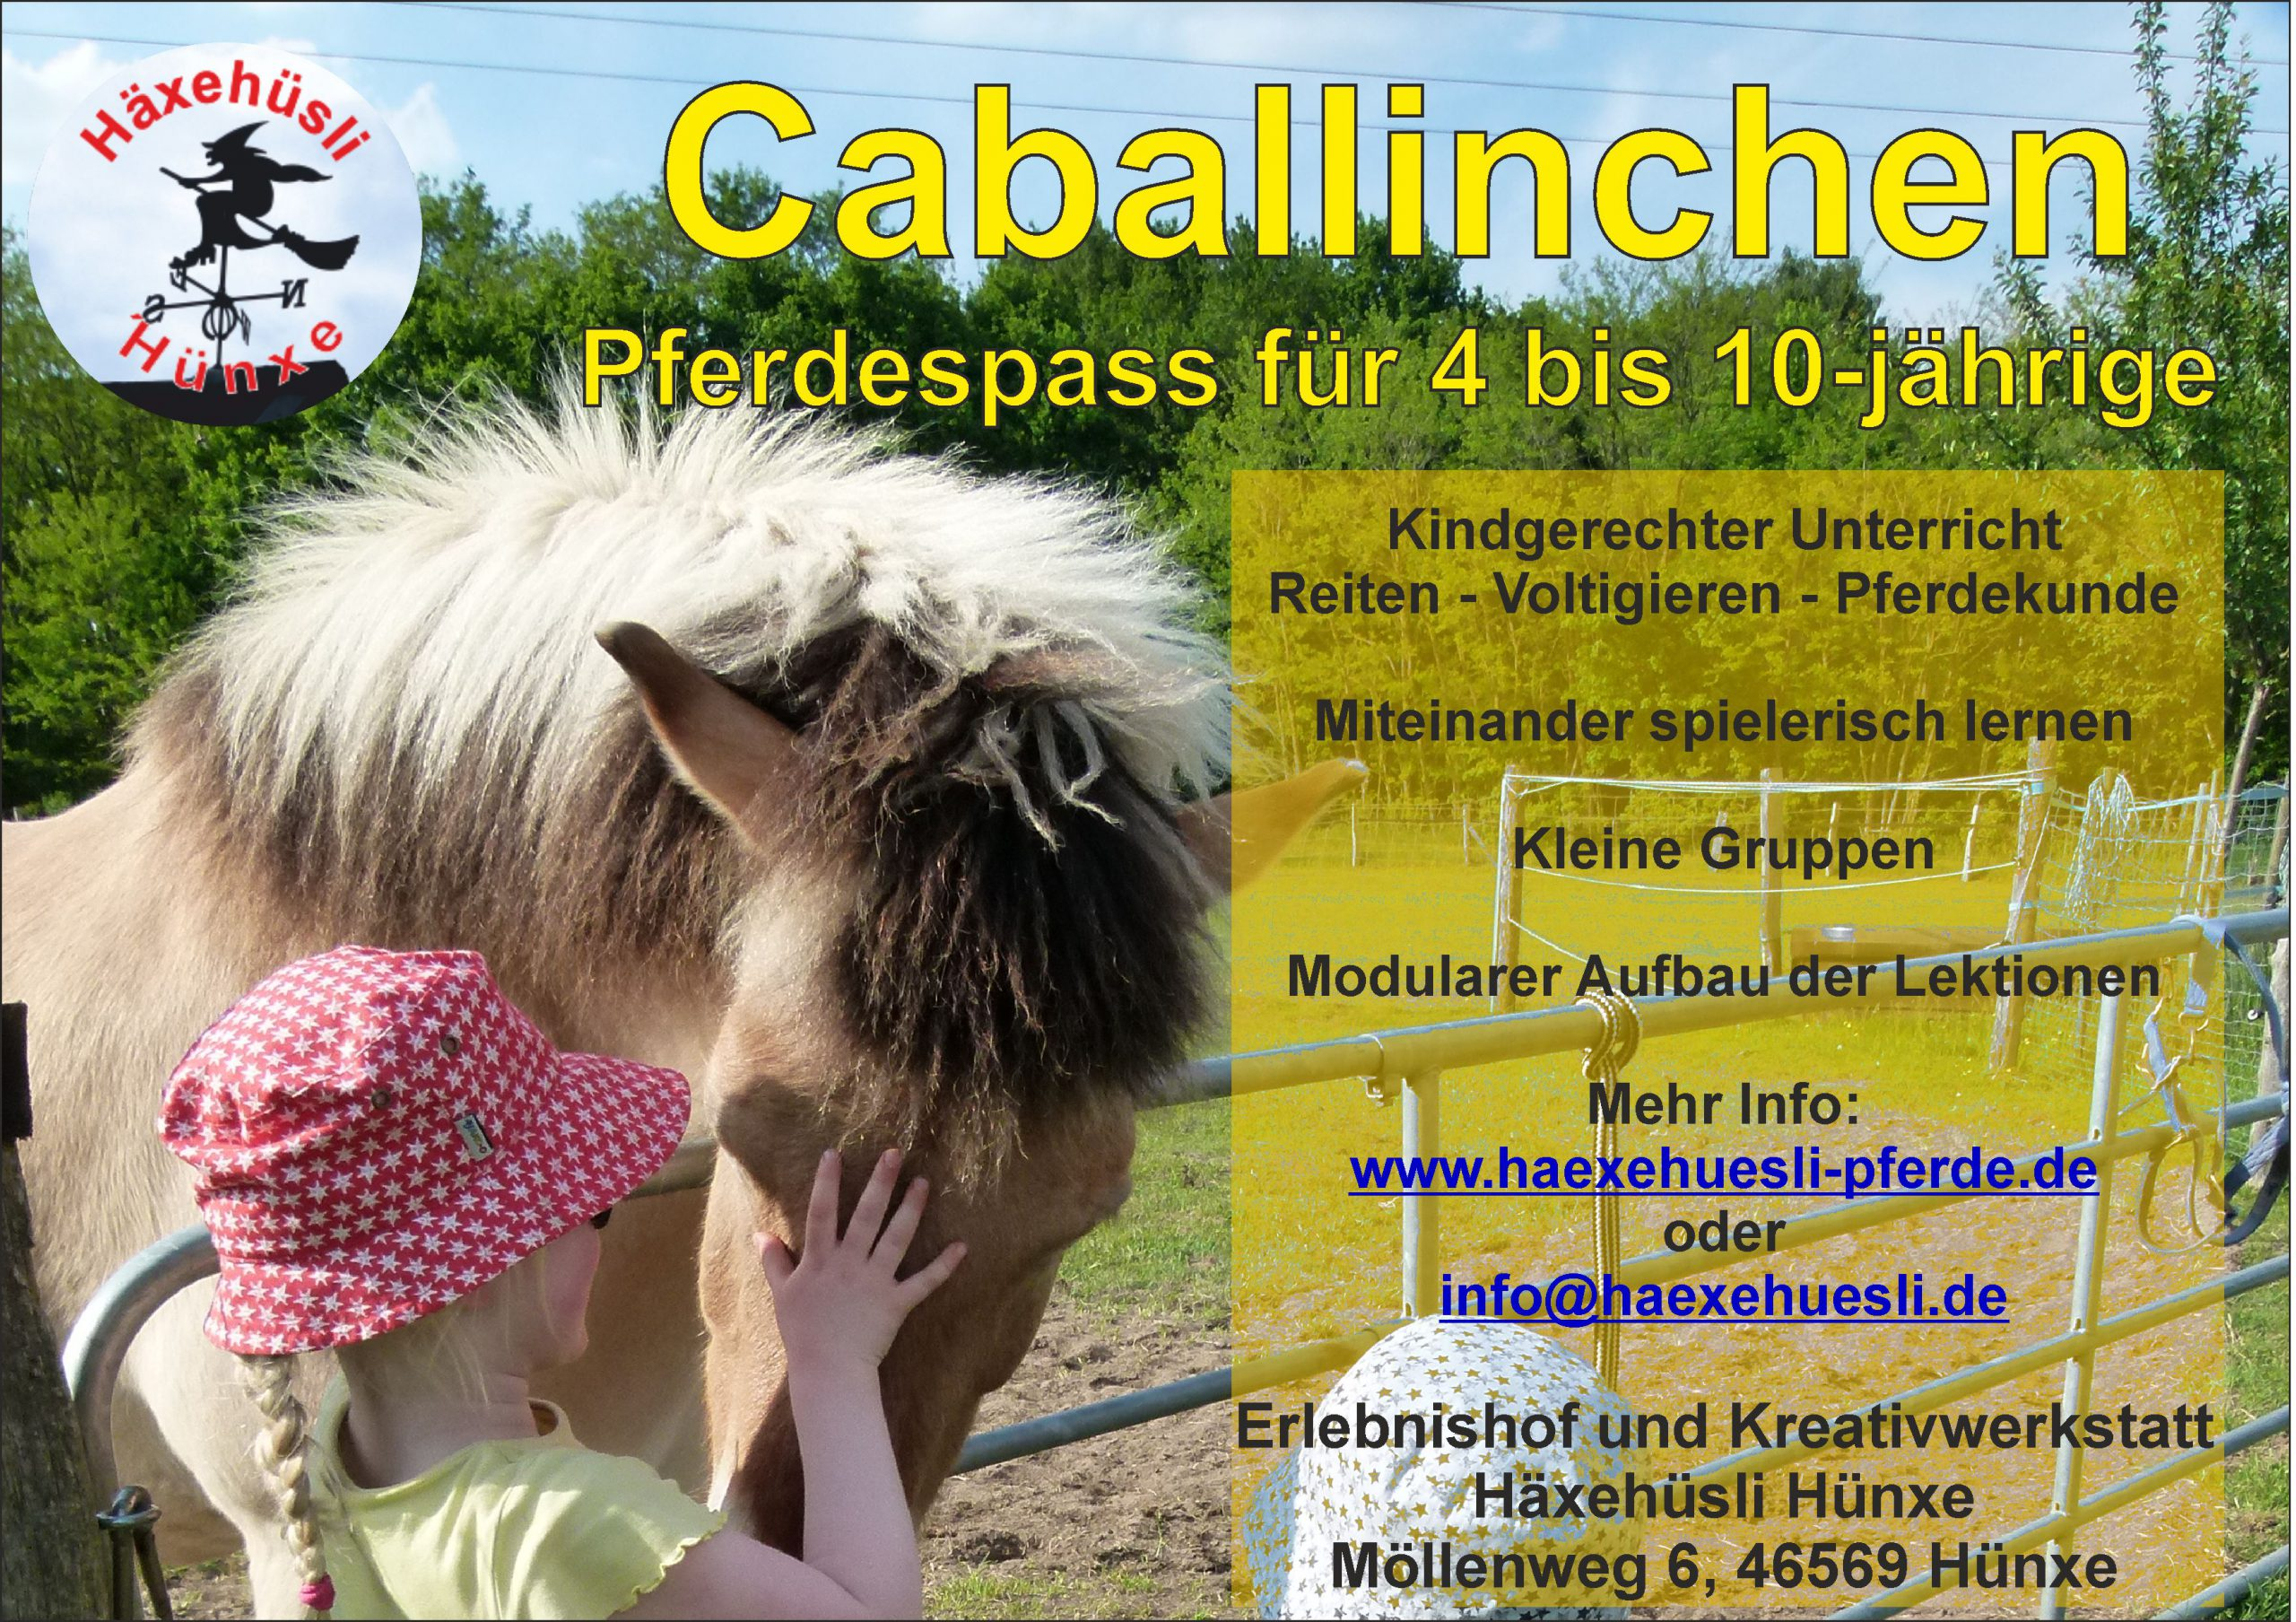 Caballinchen-Kurse